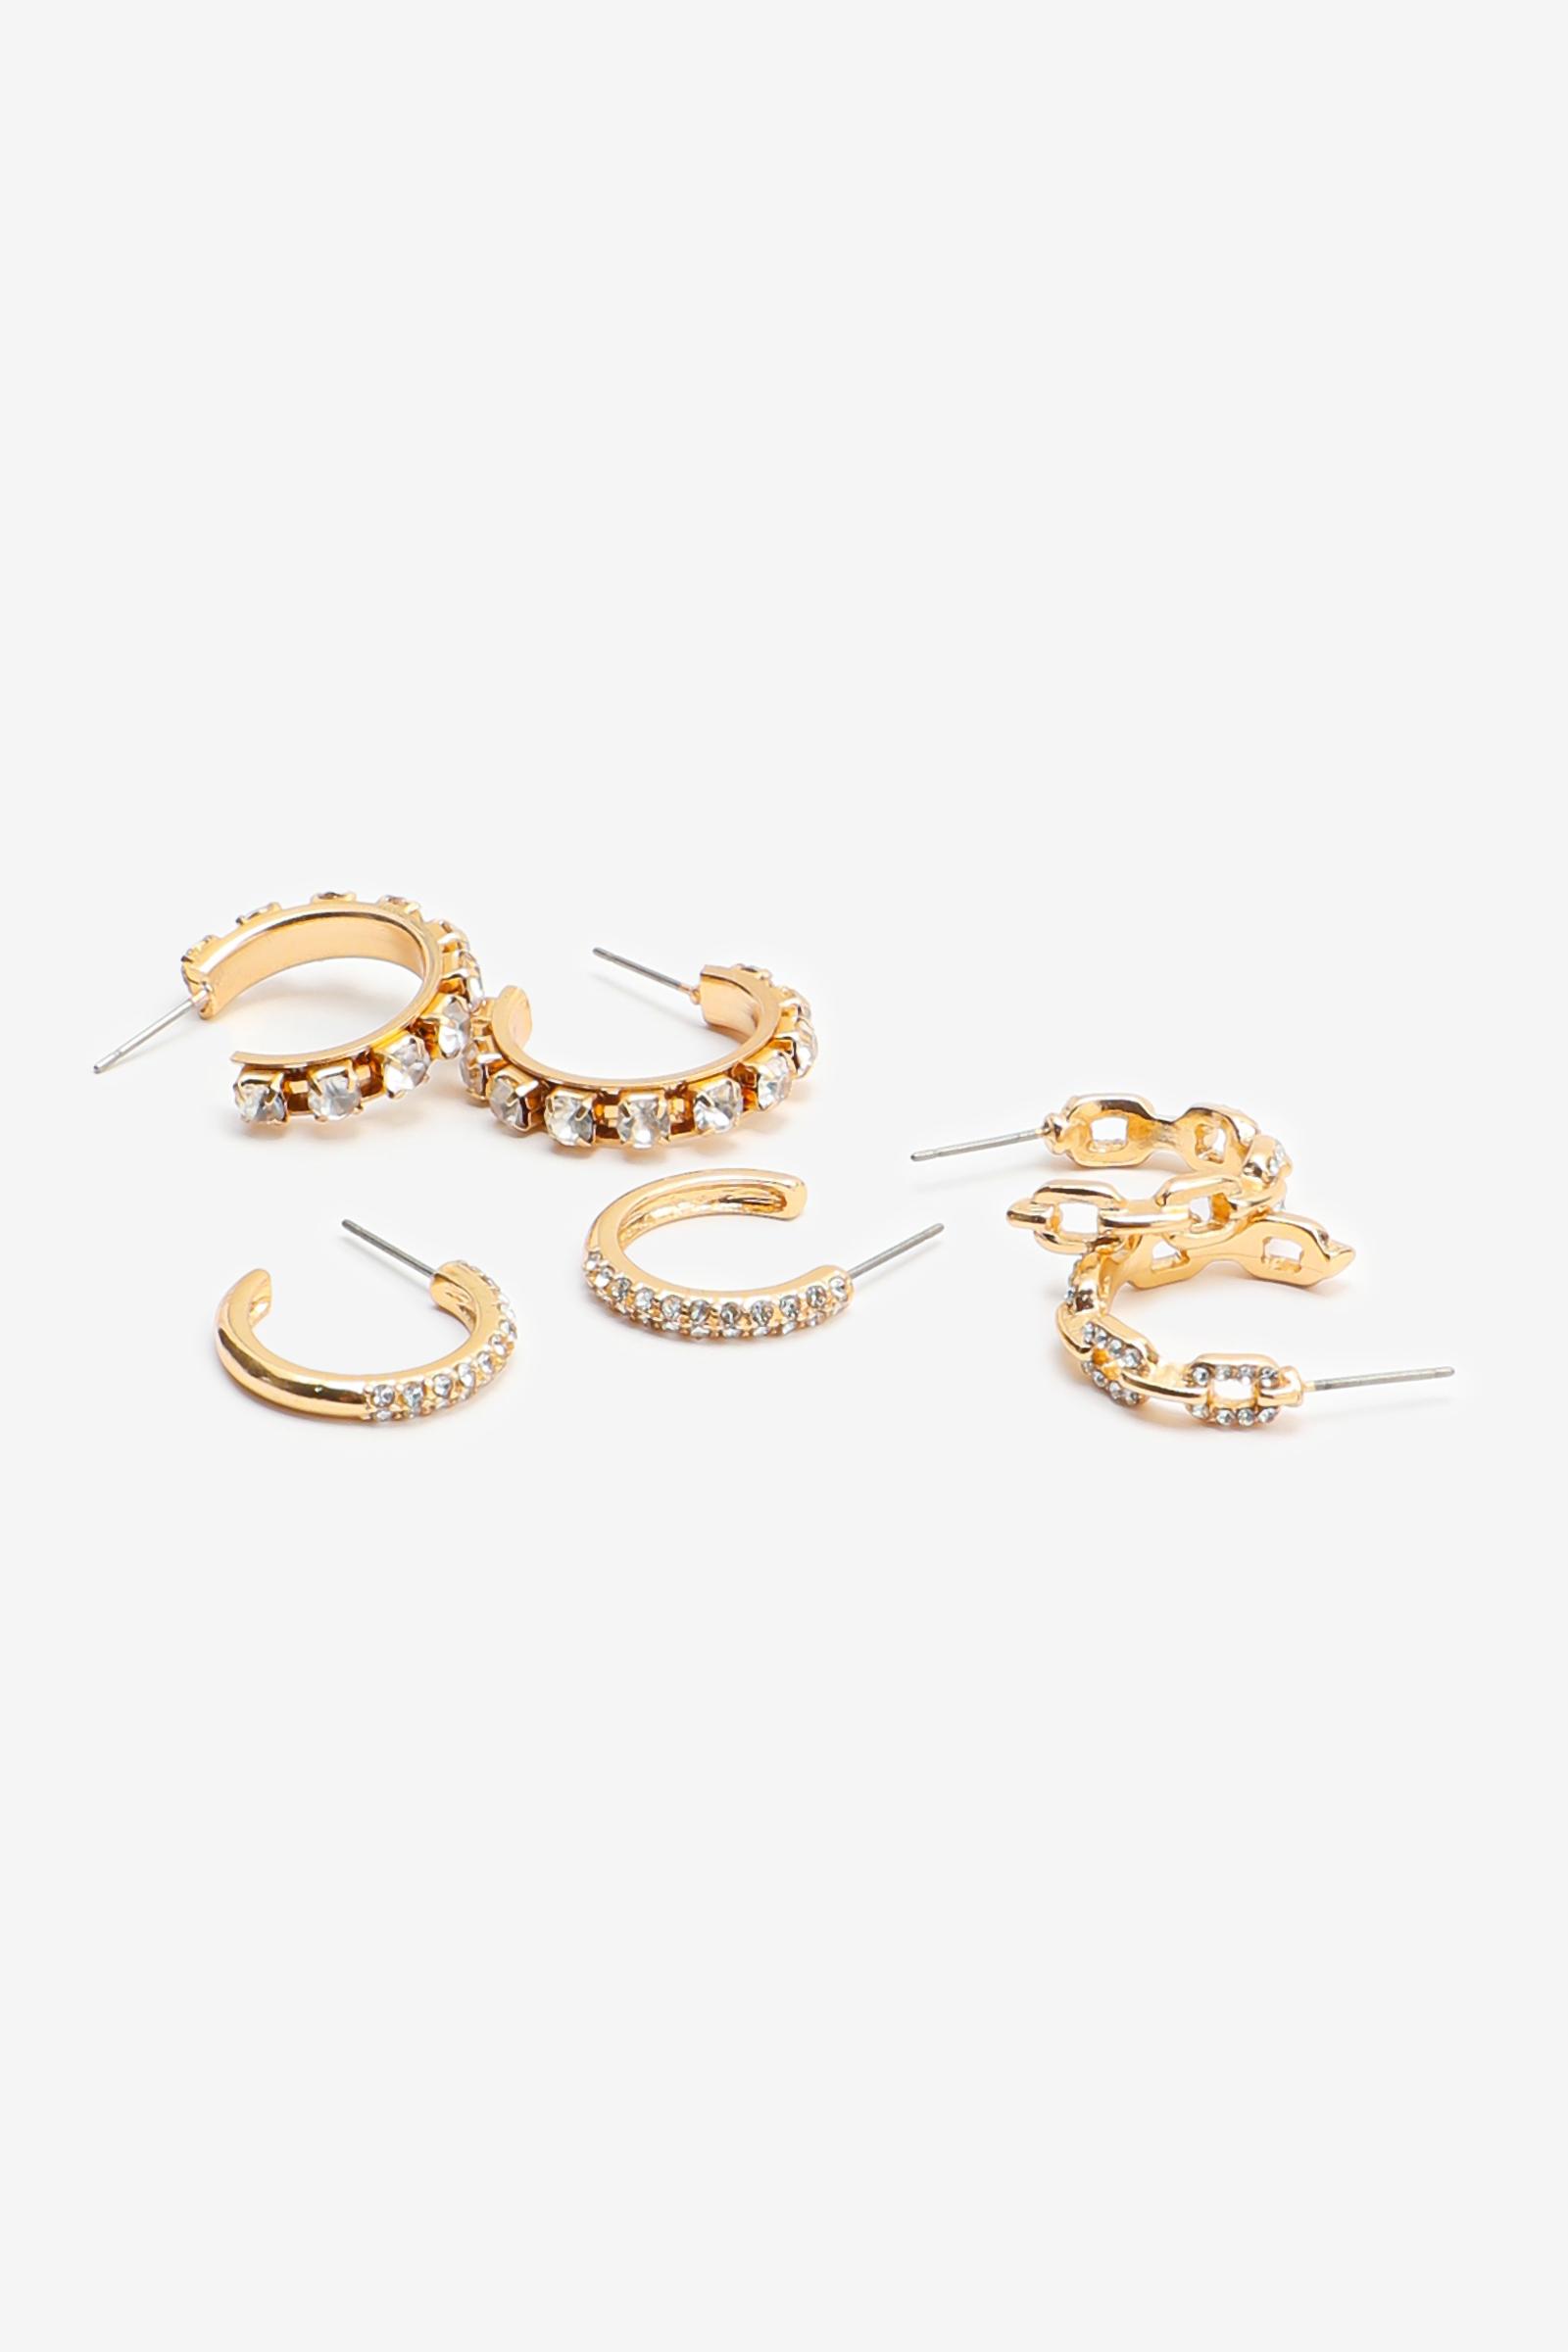 Pack of Hoop Earrings with Stones